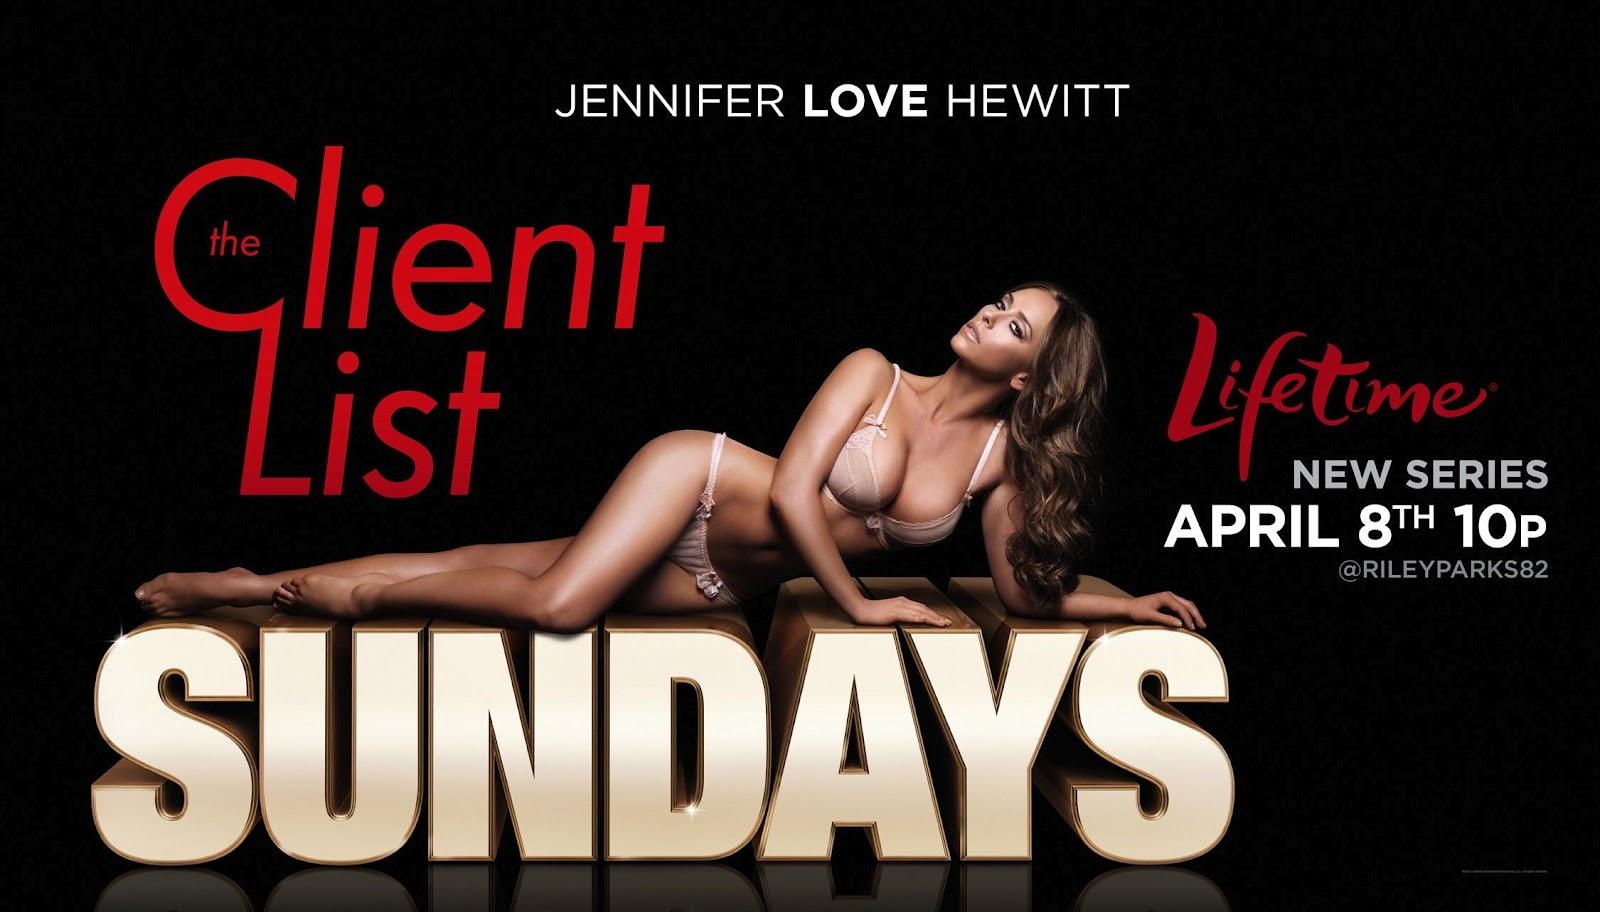 http://3.bp.blogspot.com/-9dgRNRMjPPY/T1Gd-Duw9TI/AAAAAAAAV0Q/PYariwFZaBI/s1600/Jennifer+Love+Hewitt+The+Client+List+Pic+2.jpg